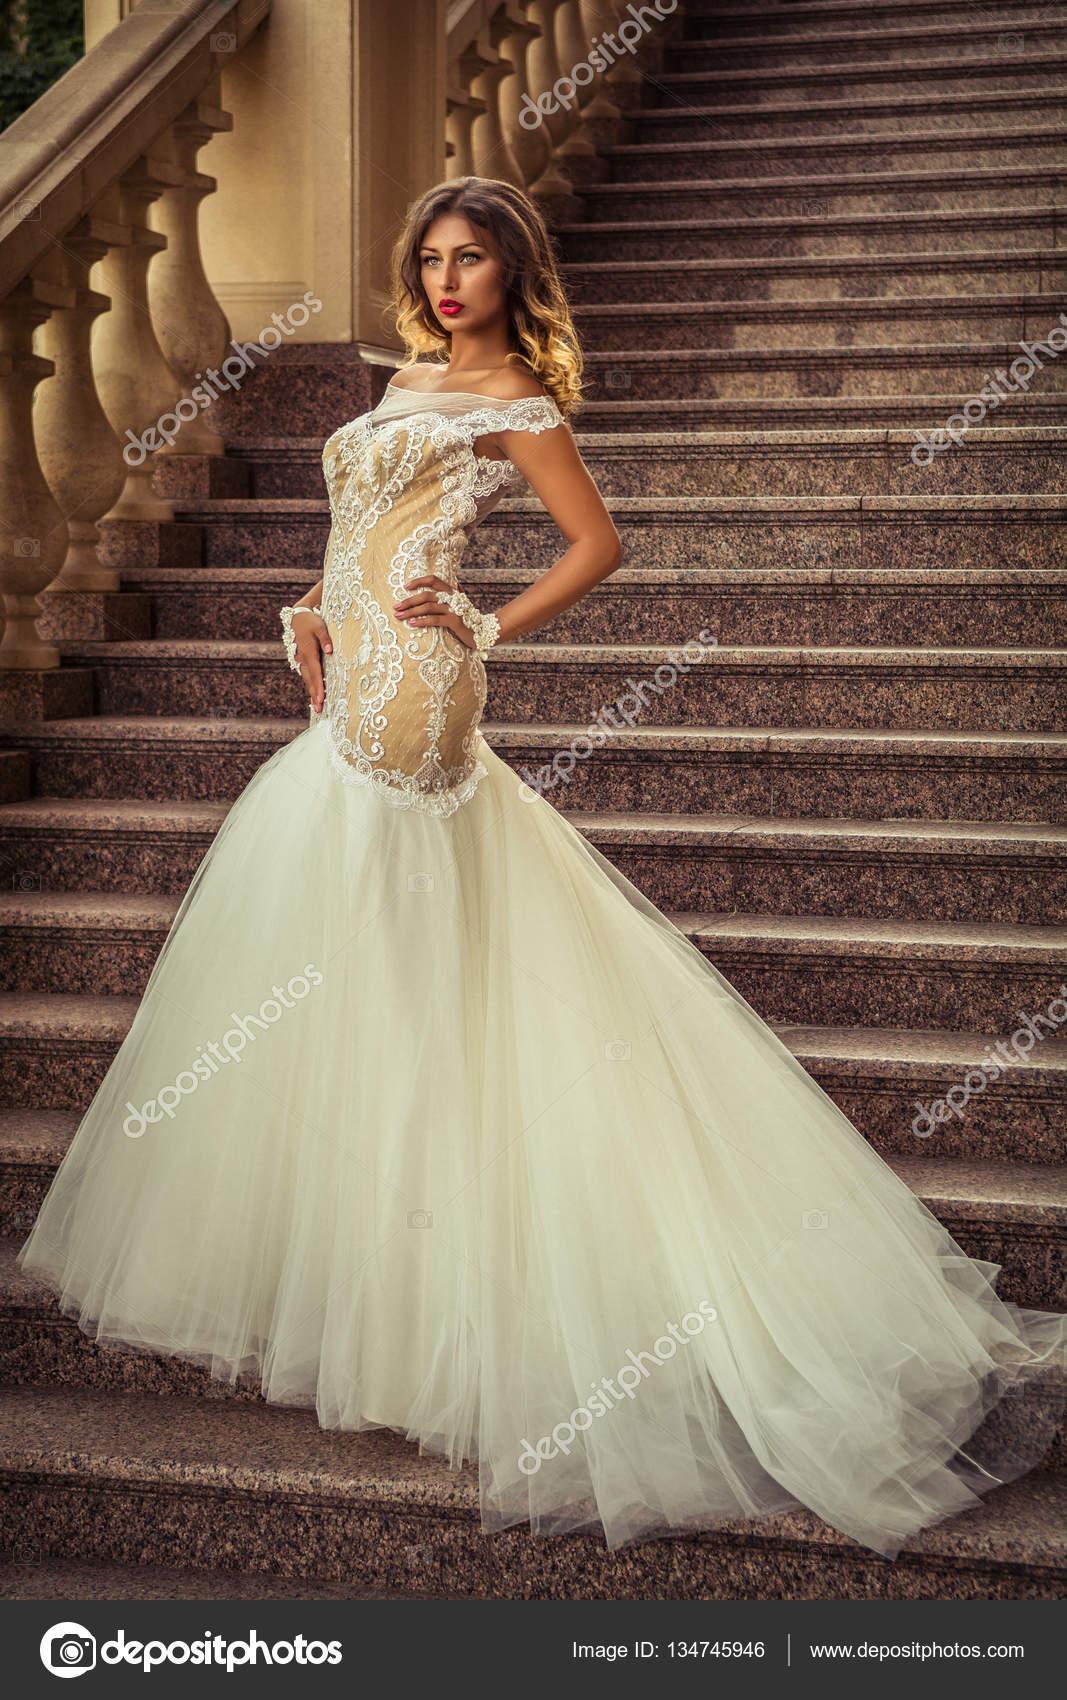 Ausgezeichnet Brautkleider Für Außerhalb Hochzeiten Galerie ...